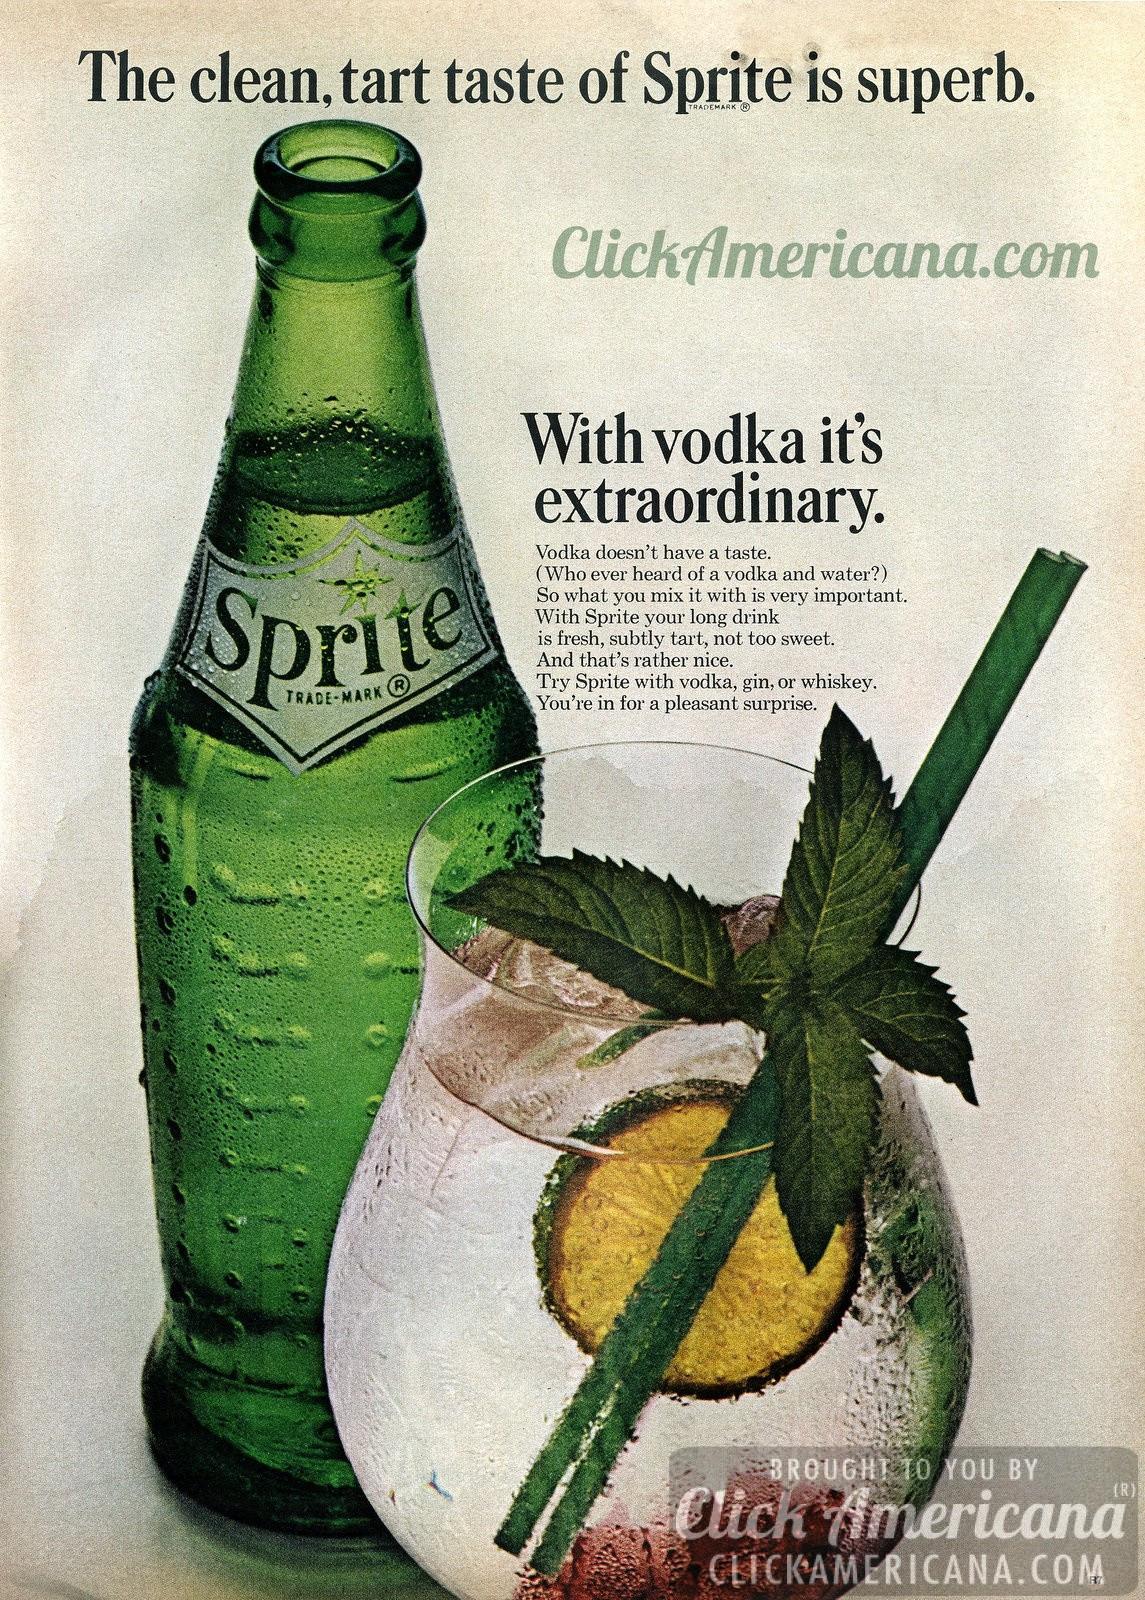 Sprite And Vodka Drinks  Sprite Extraordinary with vodka 1963 Americana